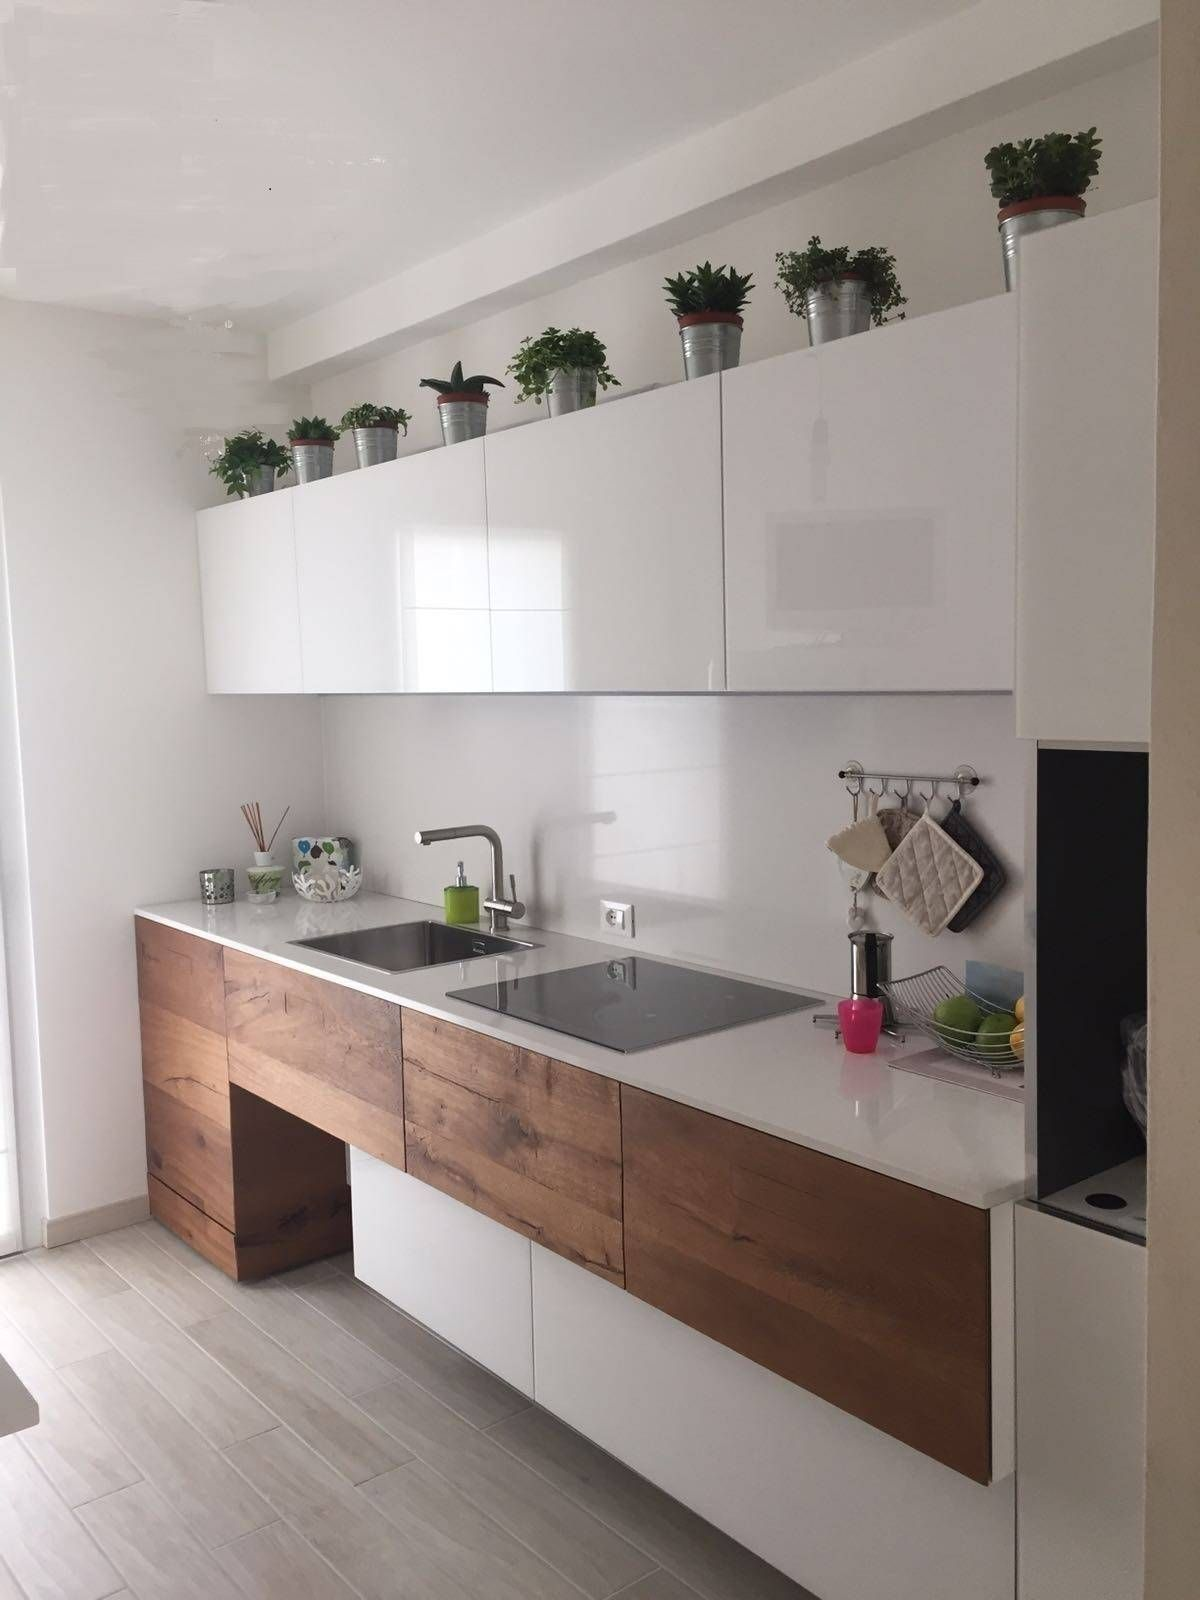 100 idee di cucine moderne con elementi in legno | Kitchens, Kitchen ...